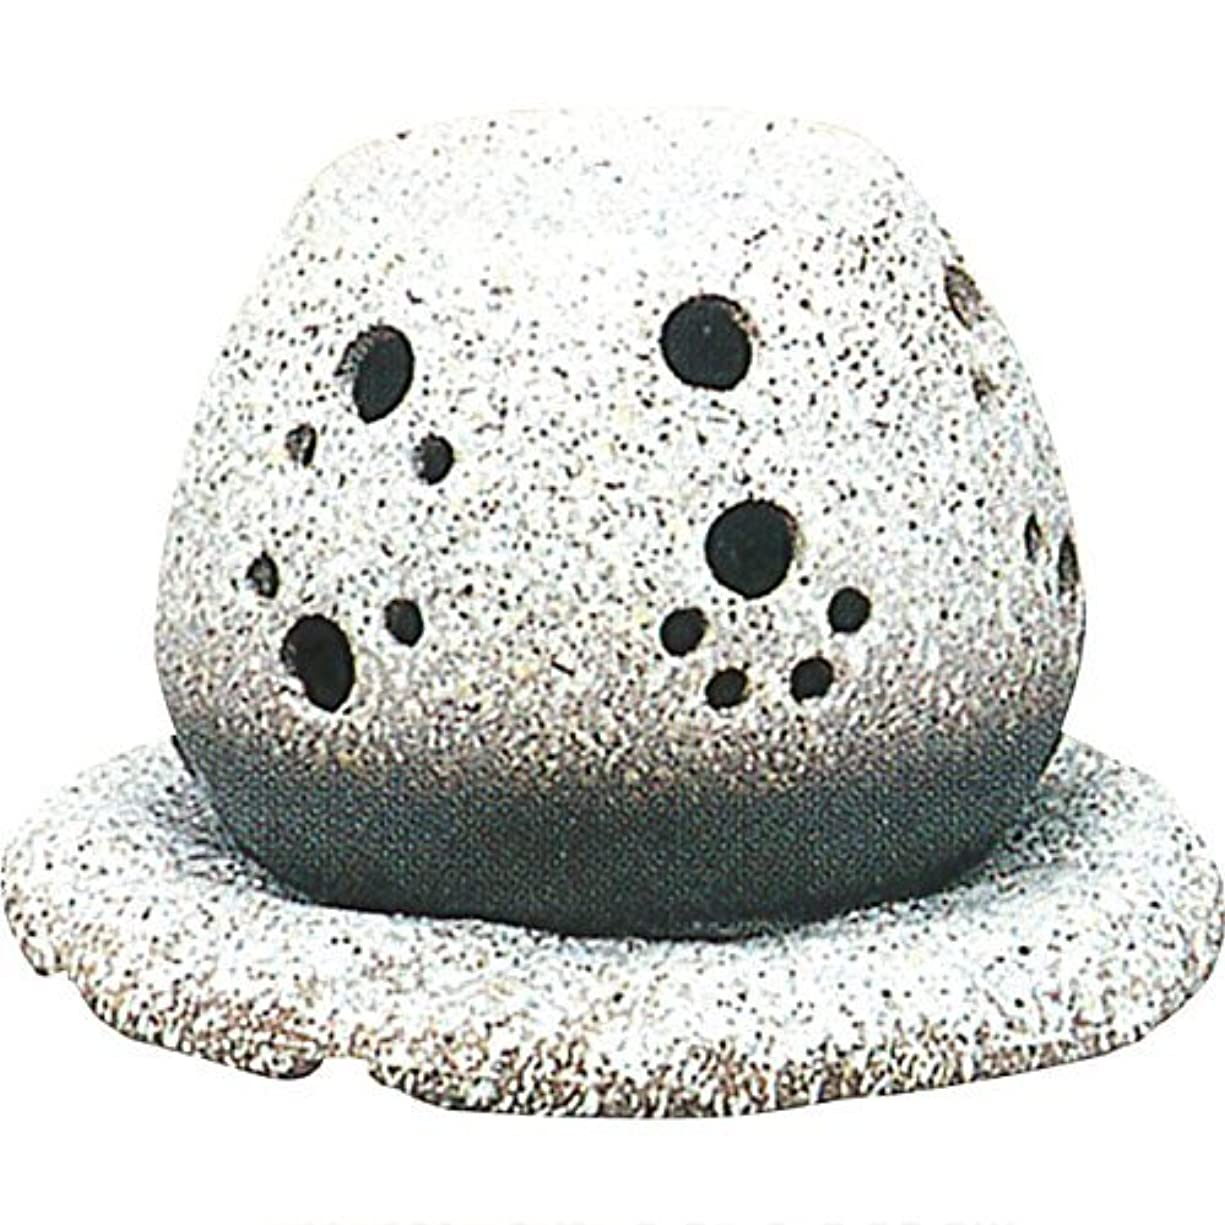 移植黙認する日常滑焼?山房 カ40-05 茶香炉 約14.5×15.5×10cm